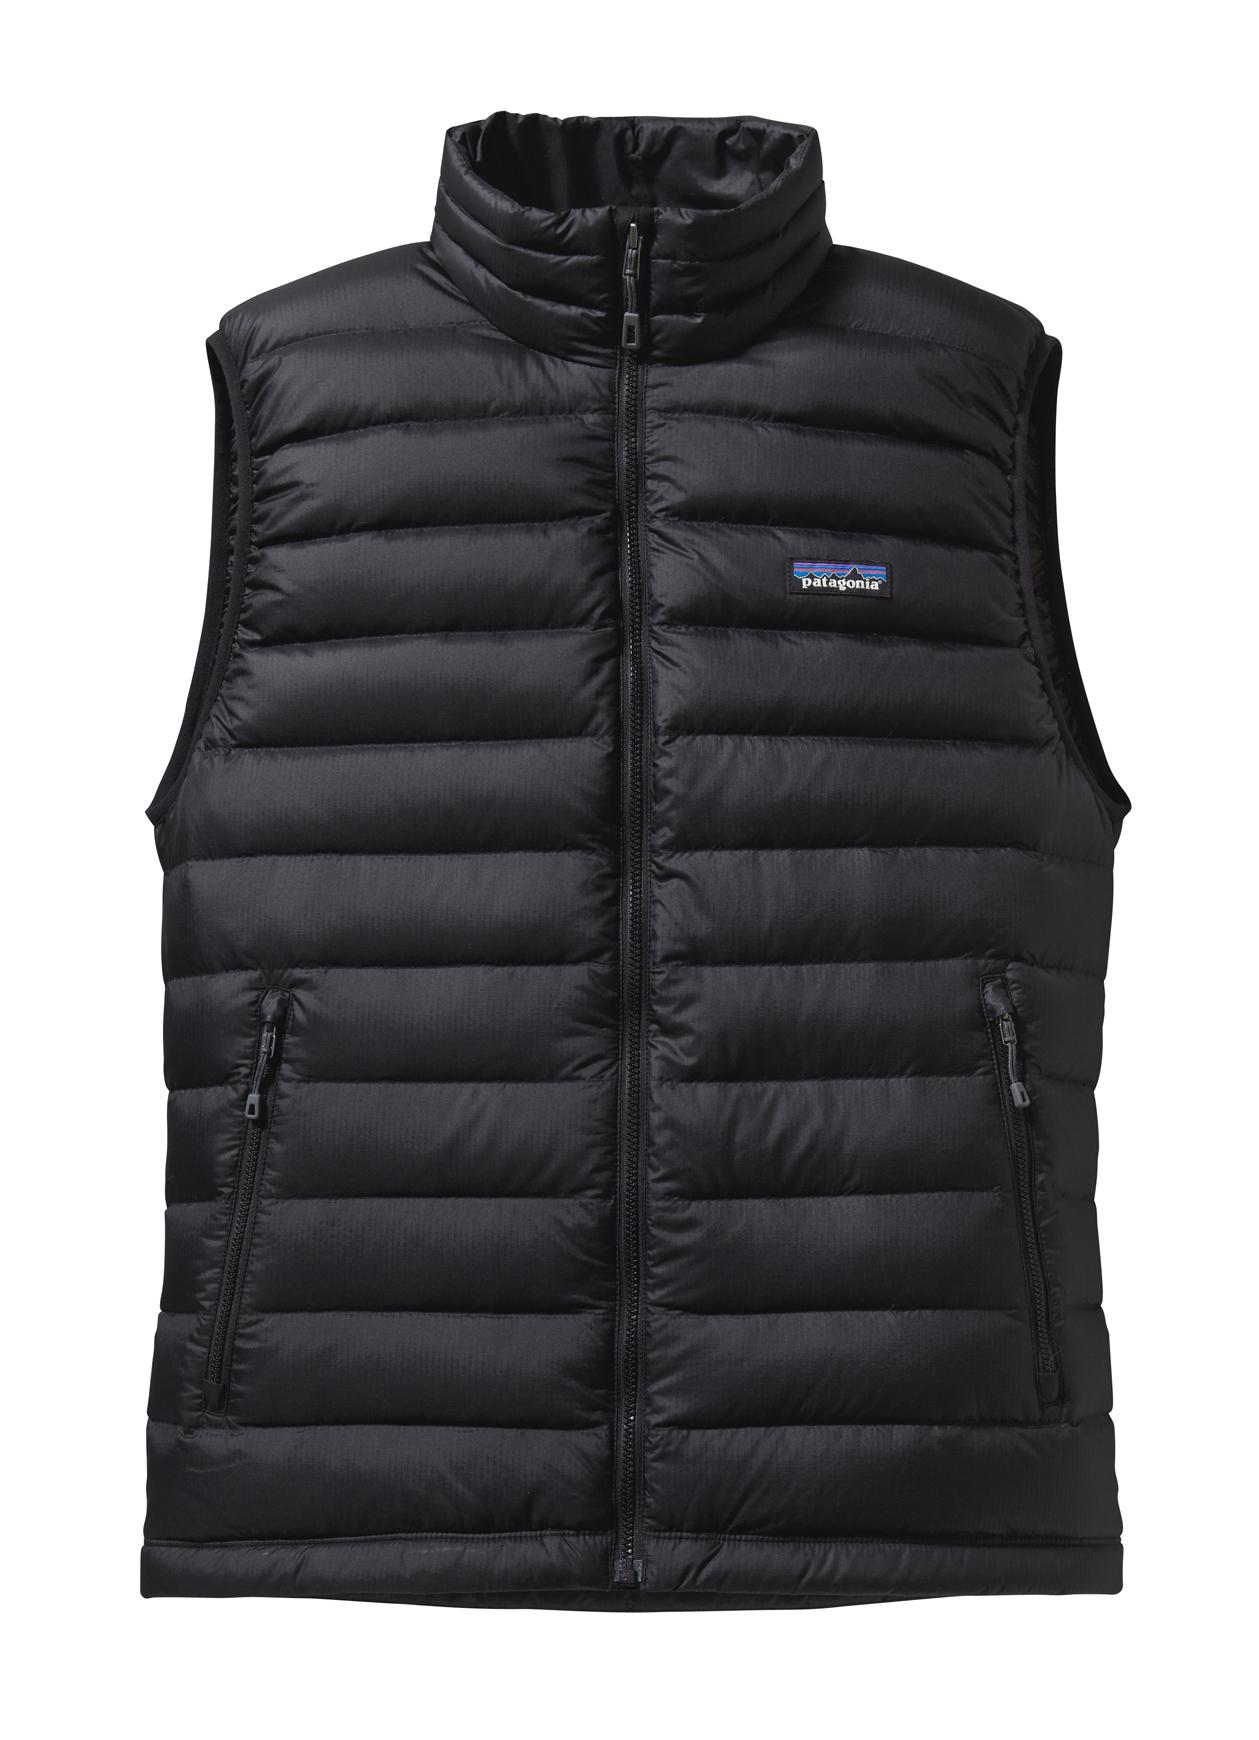 48c2482194d M s Down Sweater Vest Black Patagonia   Doudounes   Snowleader